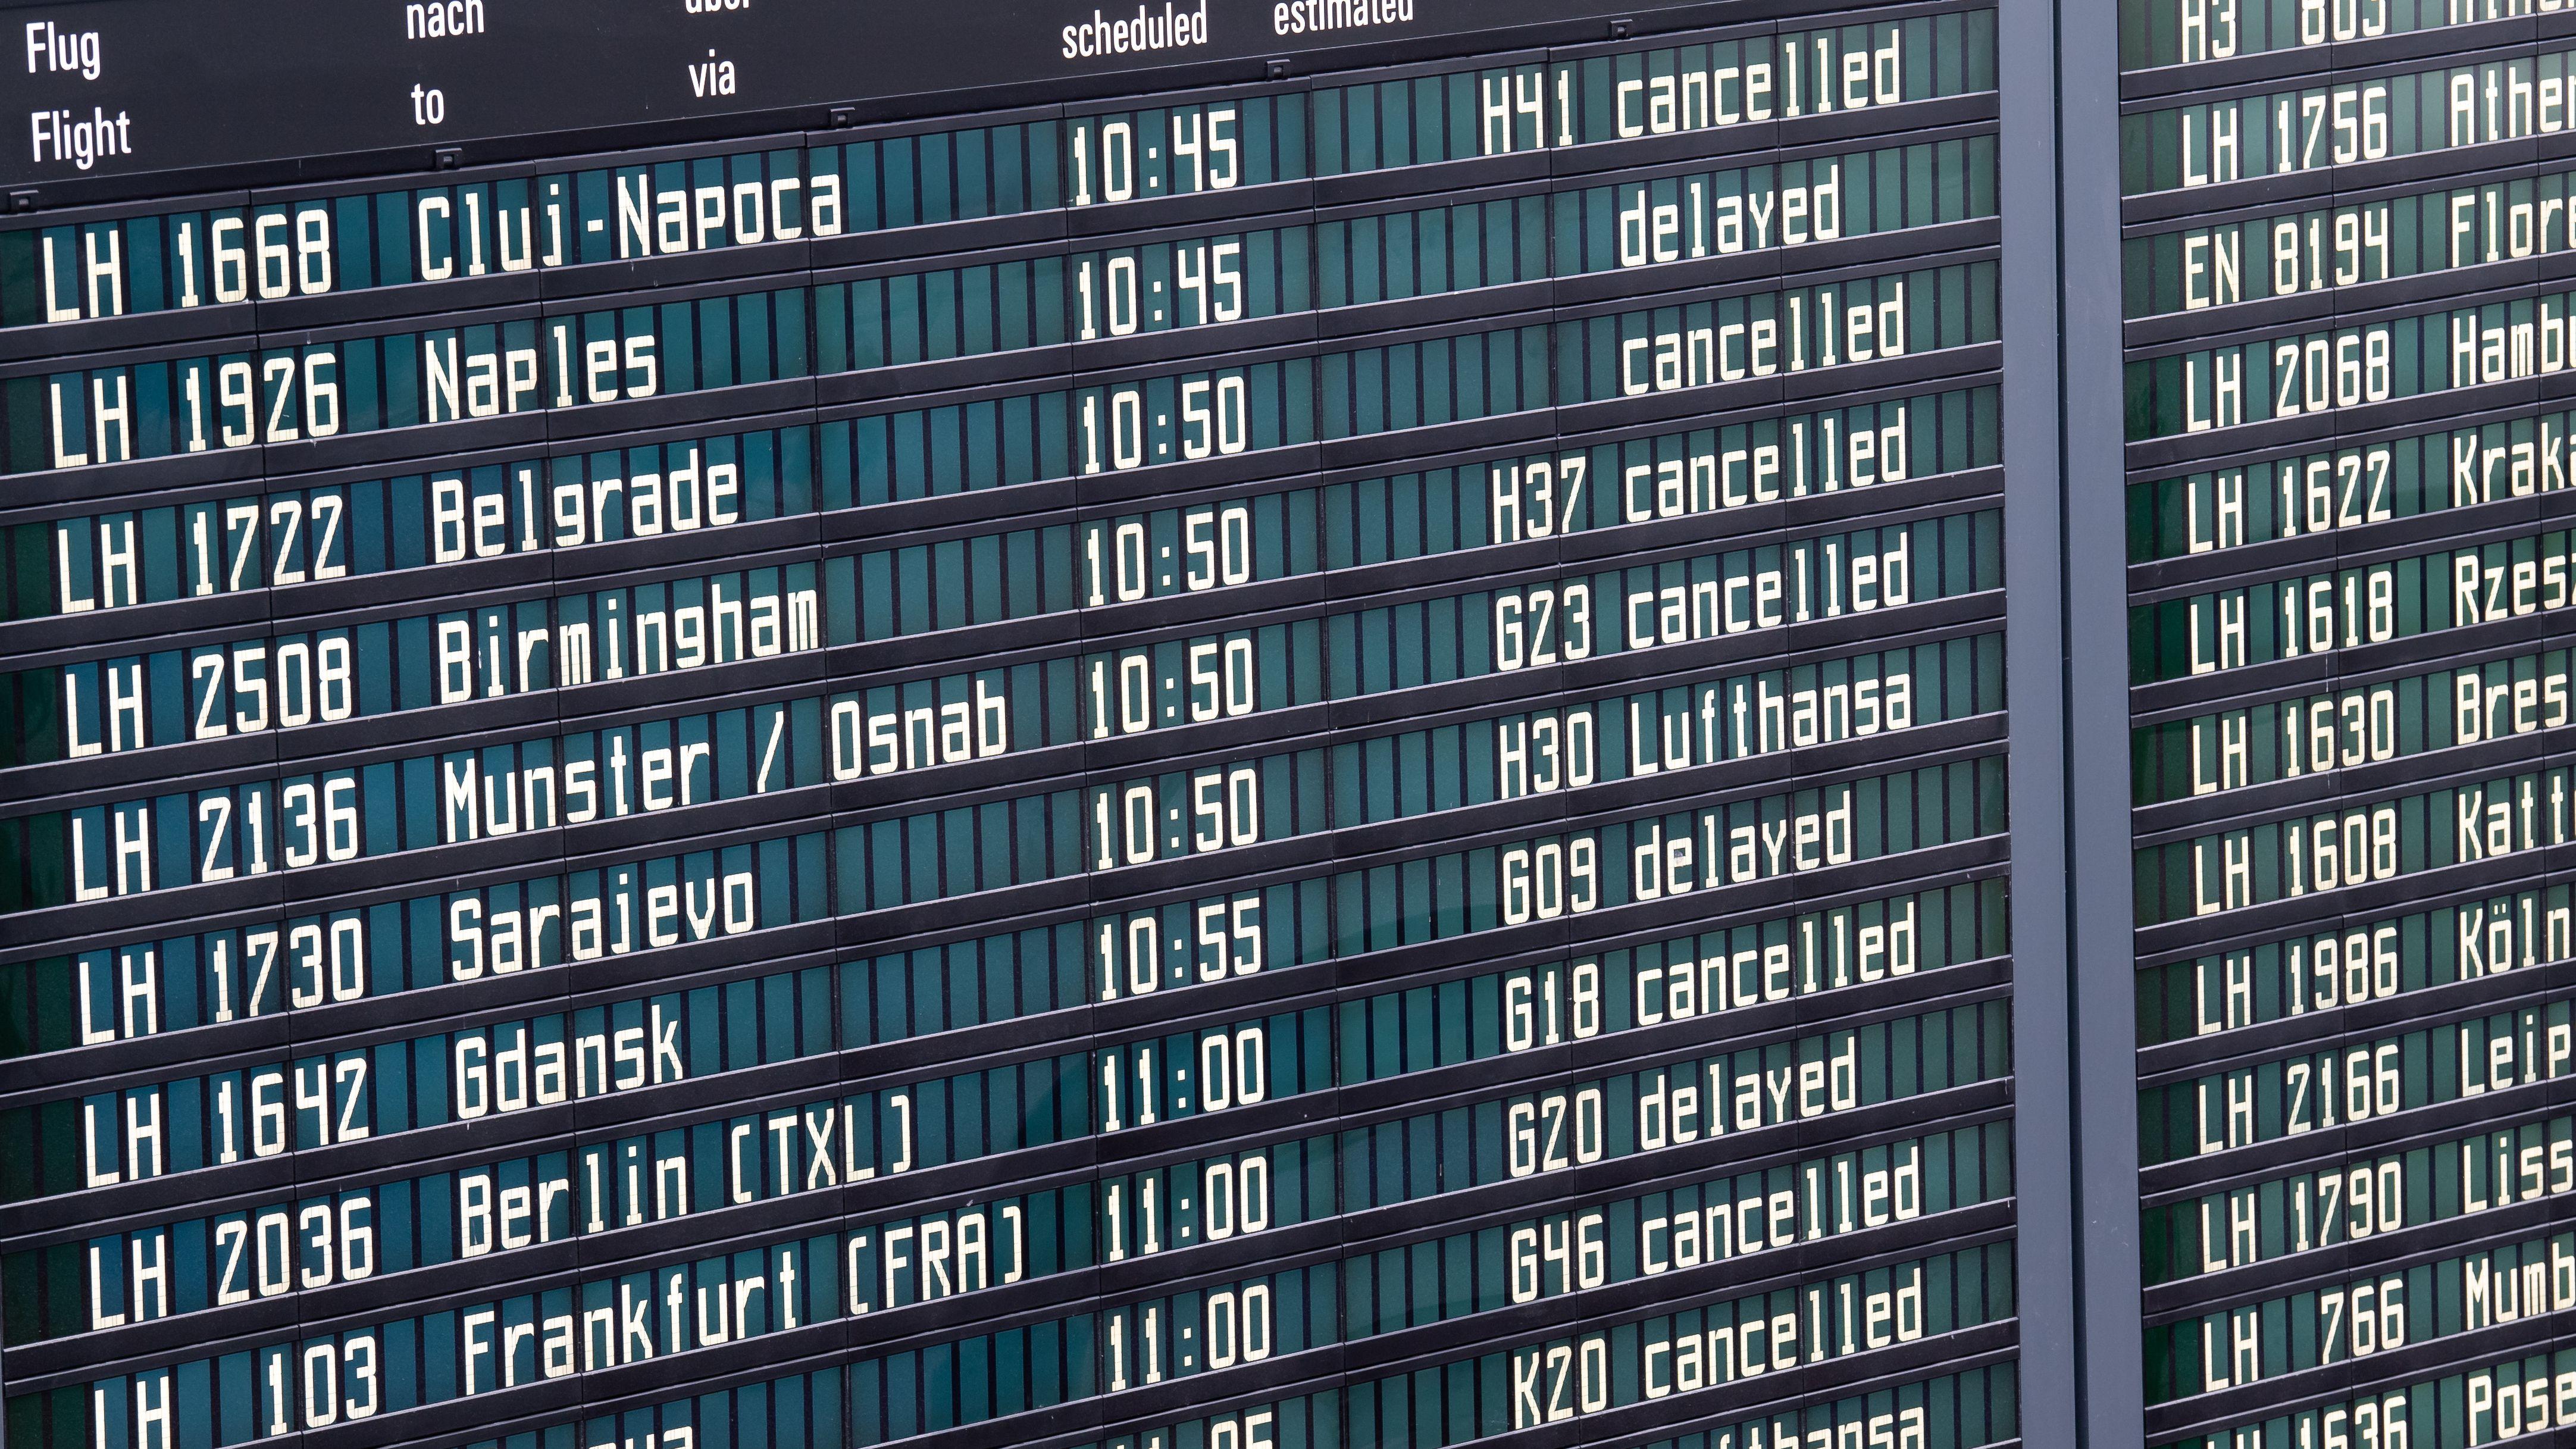 An der Anzeigetafel des Münchner Flughafen zeigt zahlreiche annullierte Flüge an.